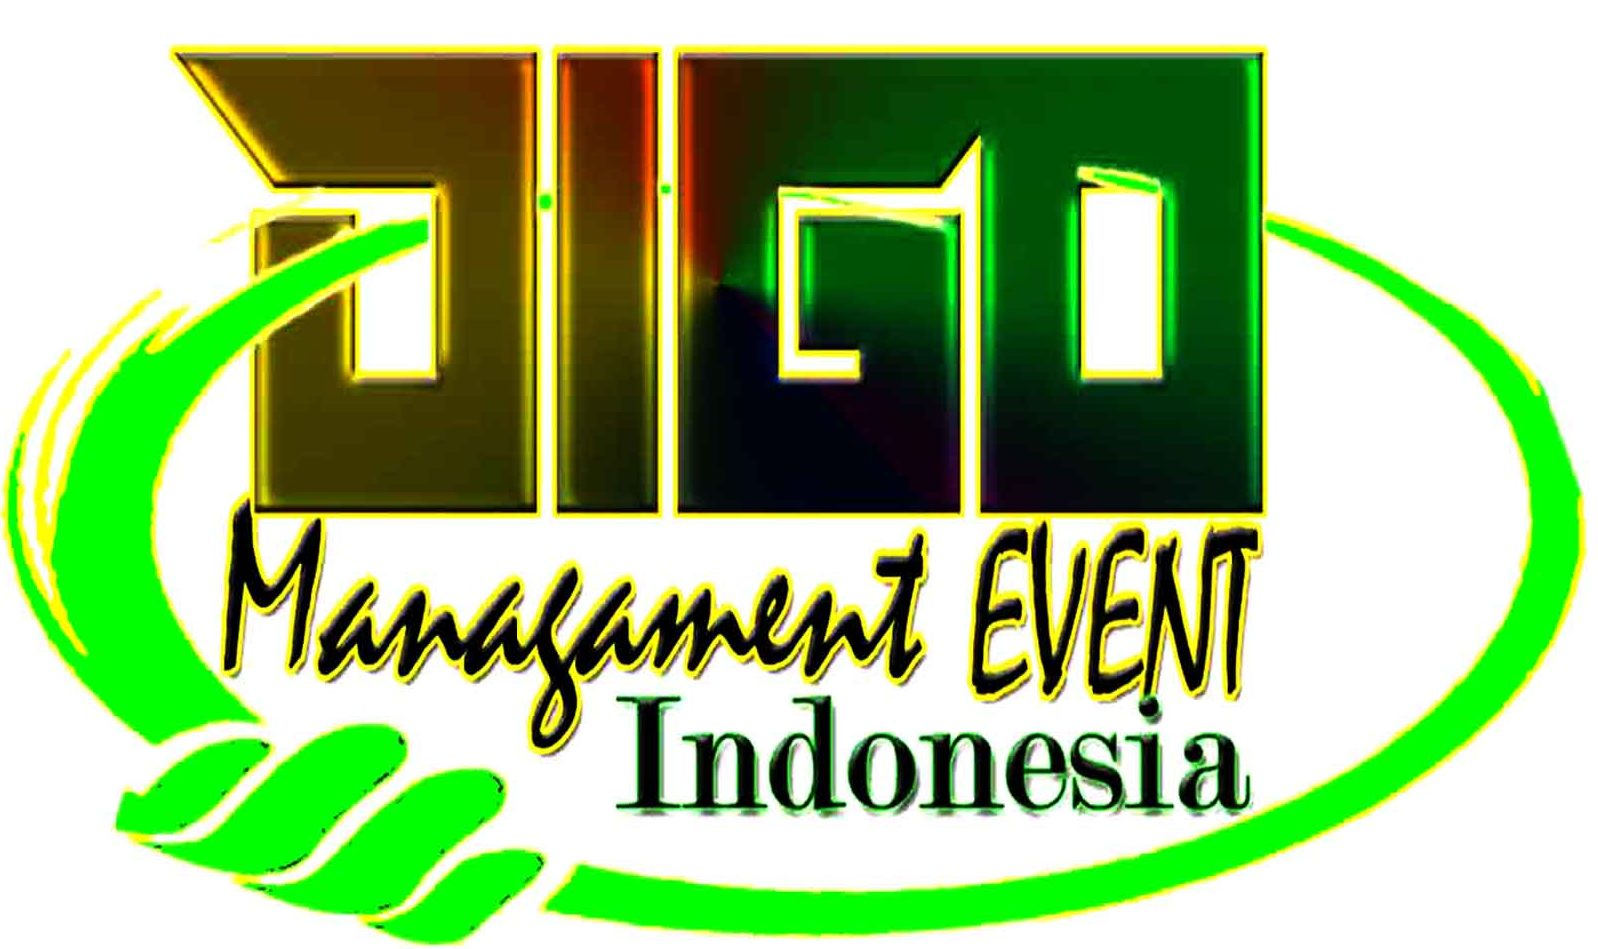 DIGO Managament, Event Organizer Manado, 082345673579